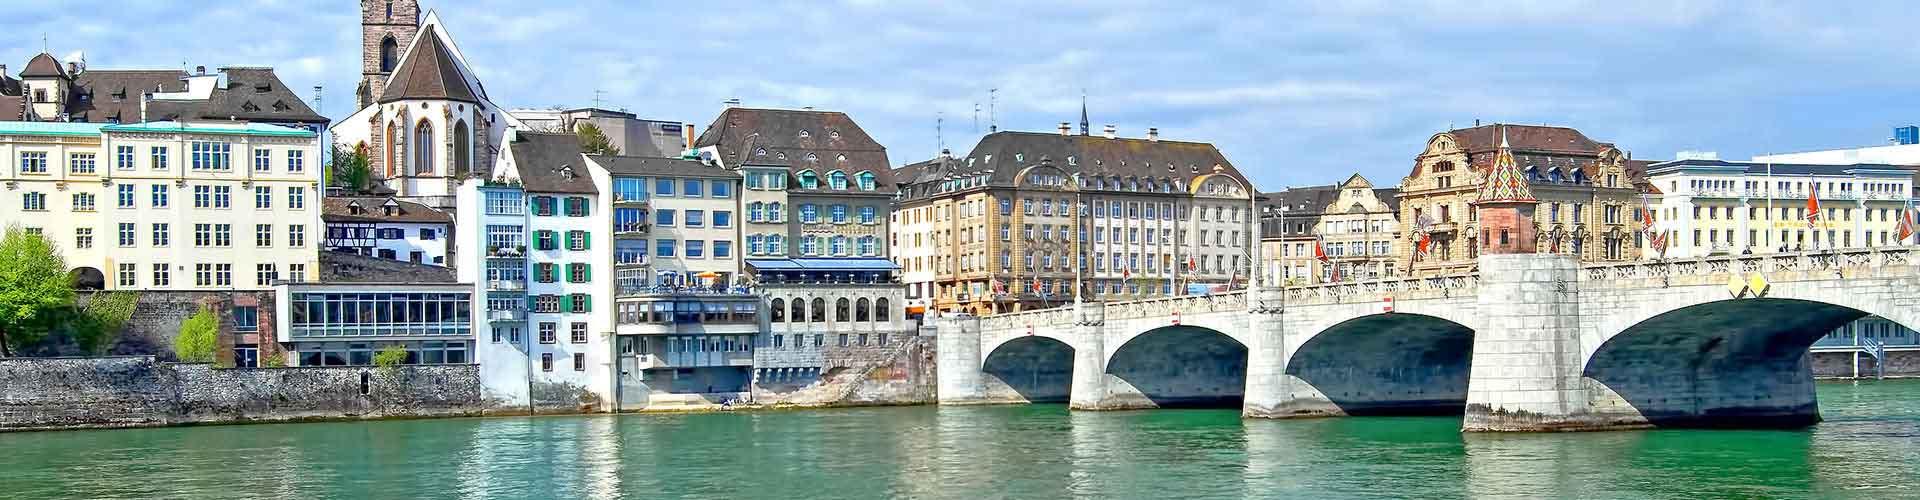 Basilea - Hostales en Basilea. Mapas de Basilea, Fotos y comentarios de cada Hostal en Basilea.